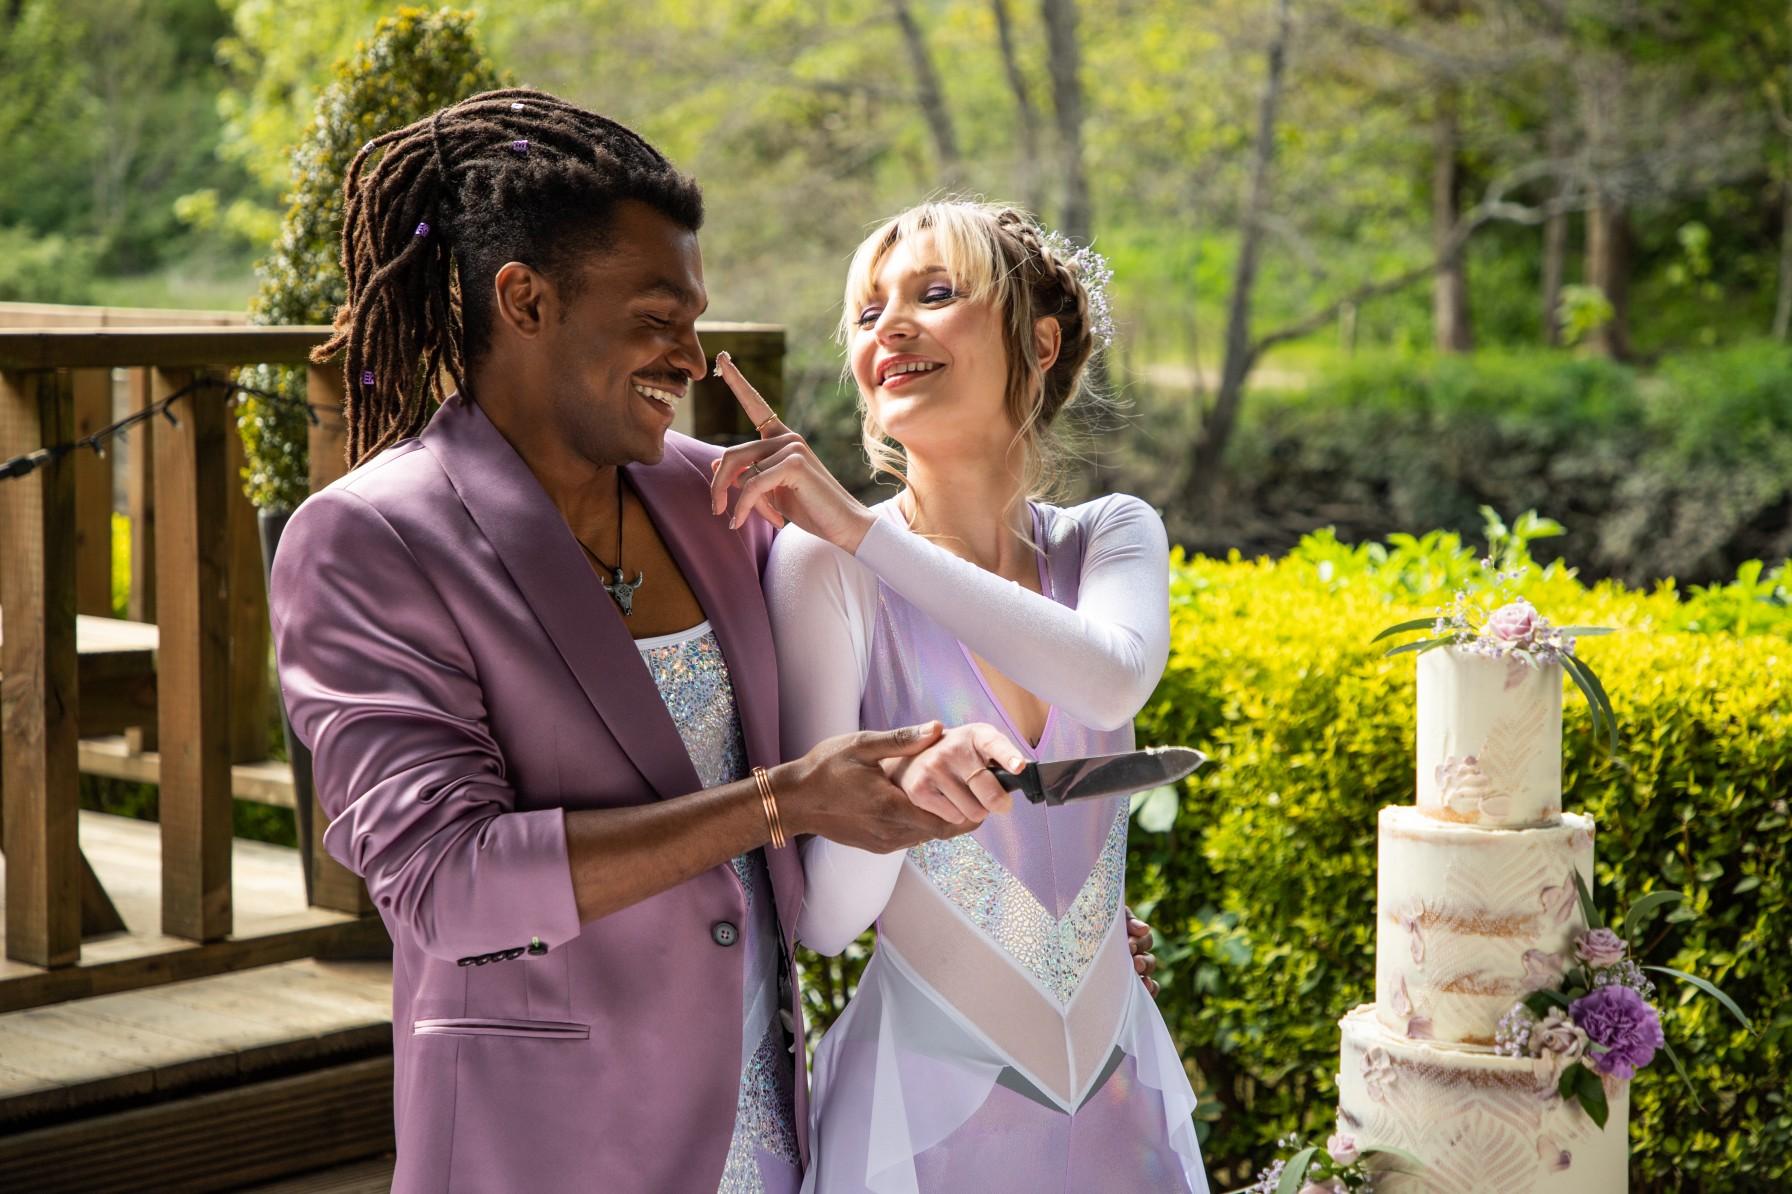 modern festival wedding - unique wedding wear - wedding jumpsuit - wedding catsuit - festival bride - unique wedding wear - bohemian wedding cake - purple grooms blazer